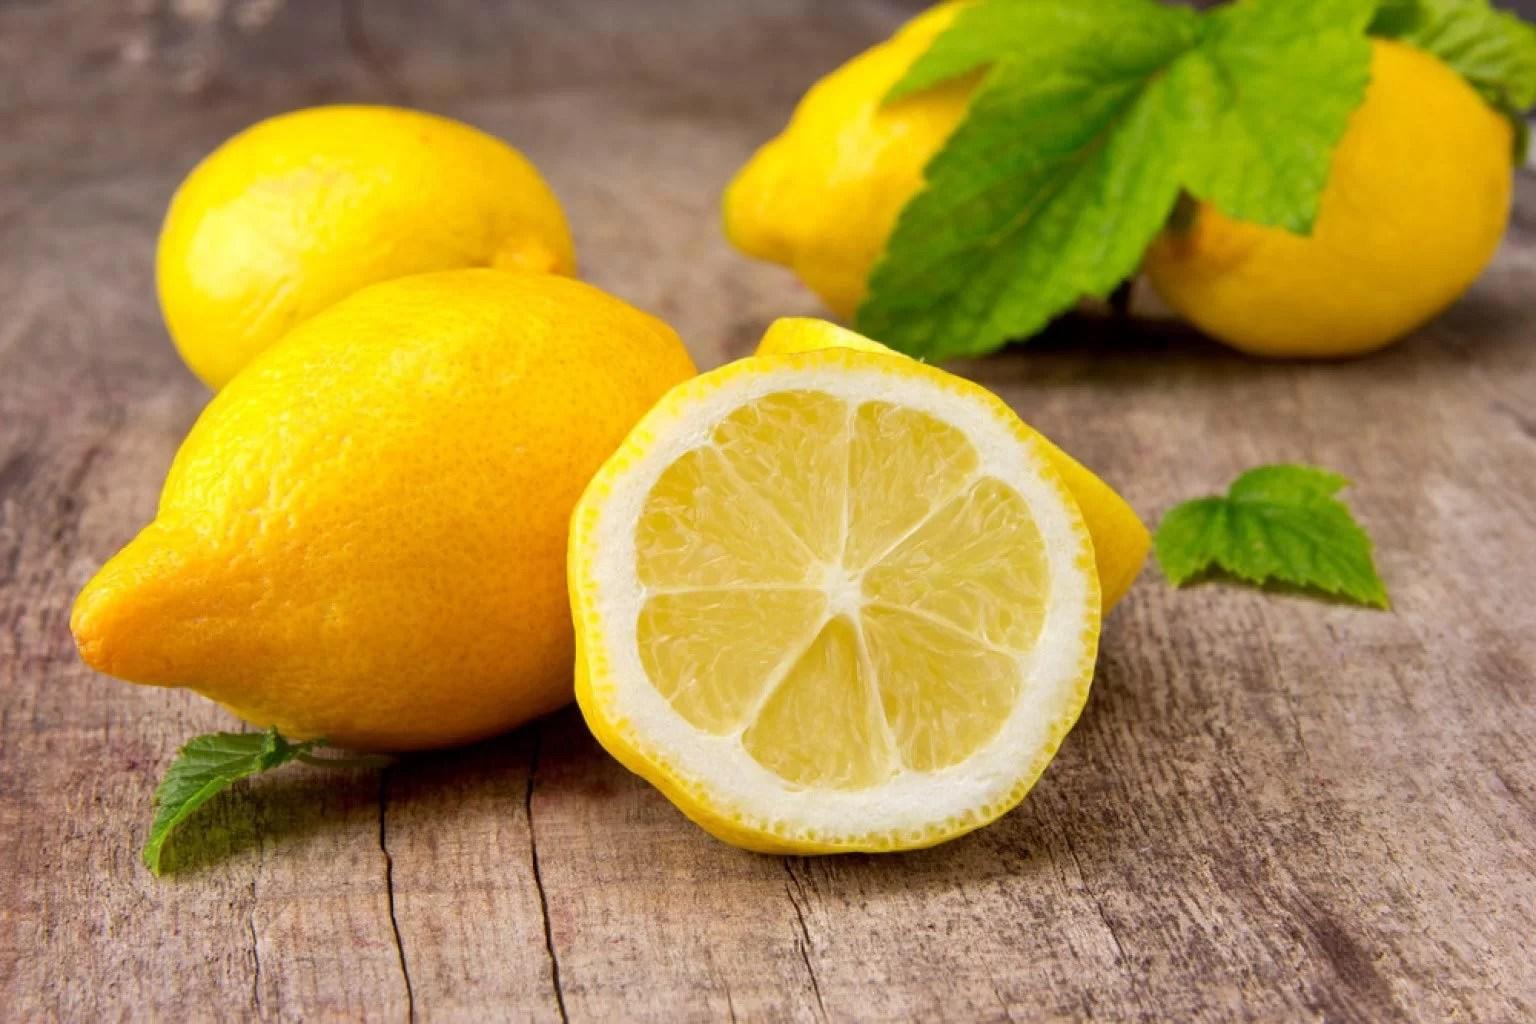 kokie maisto produktai reikalingi hipertenzijai gydyti)